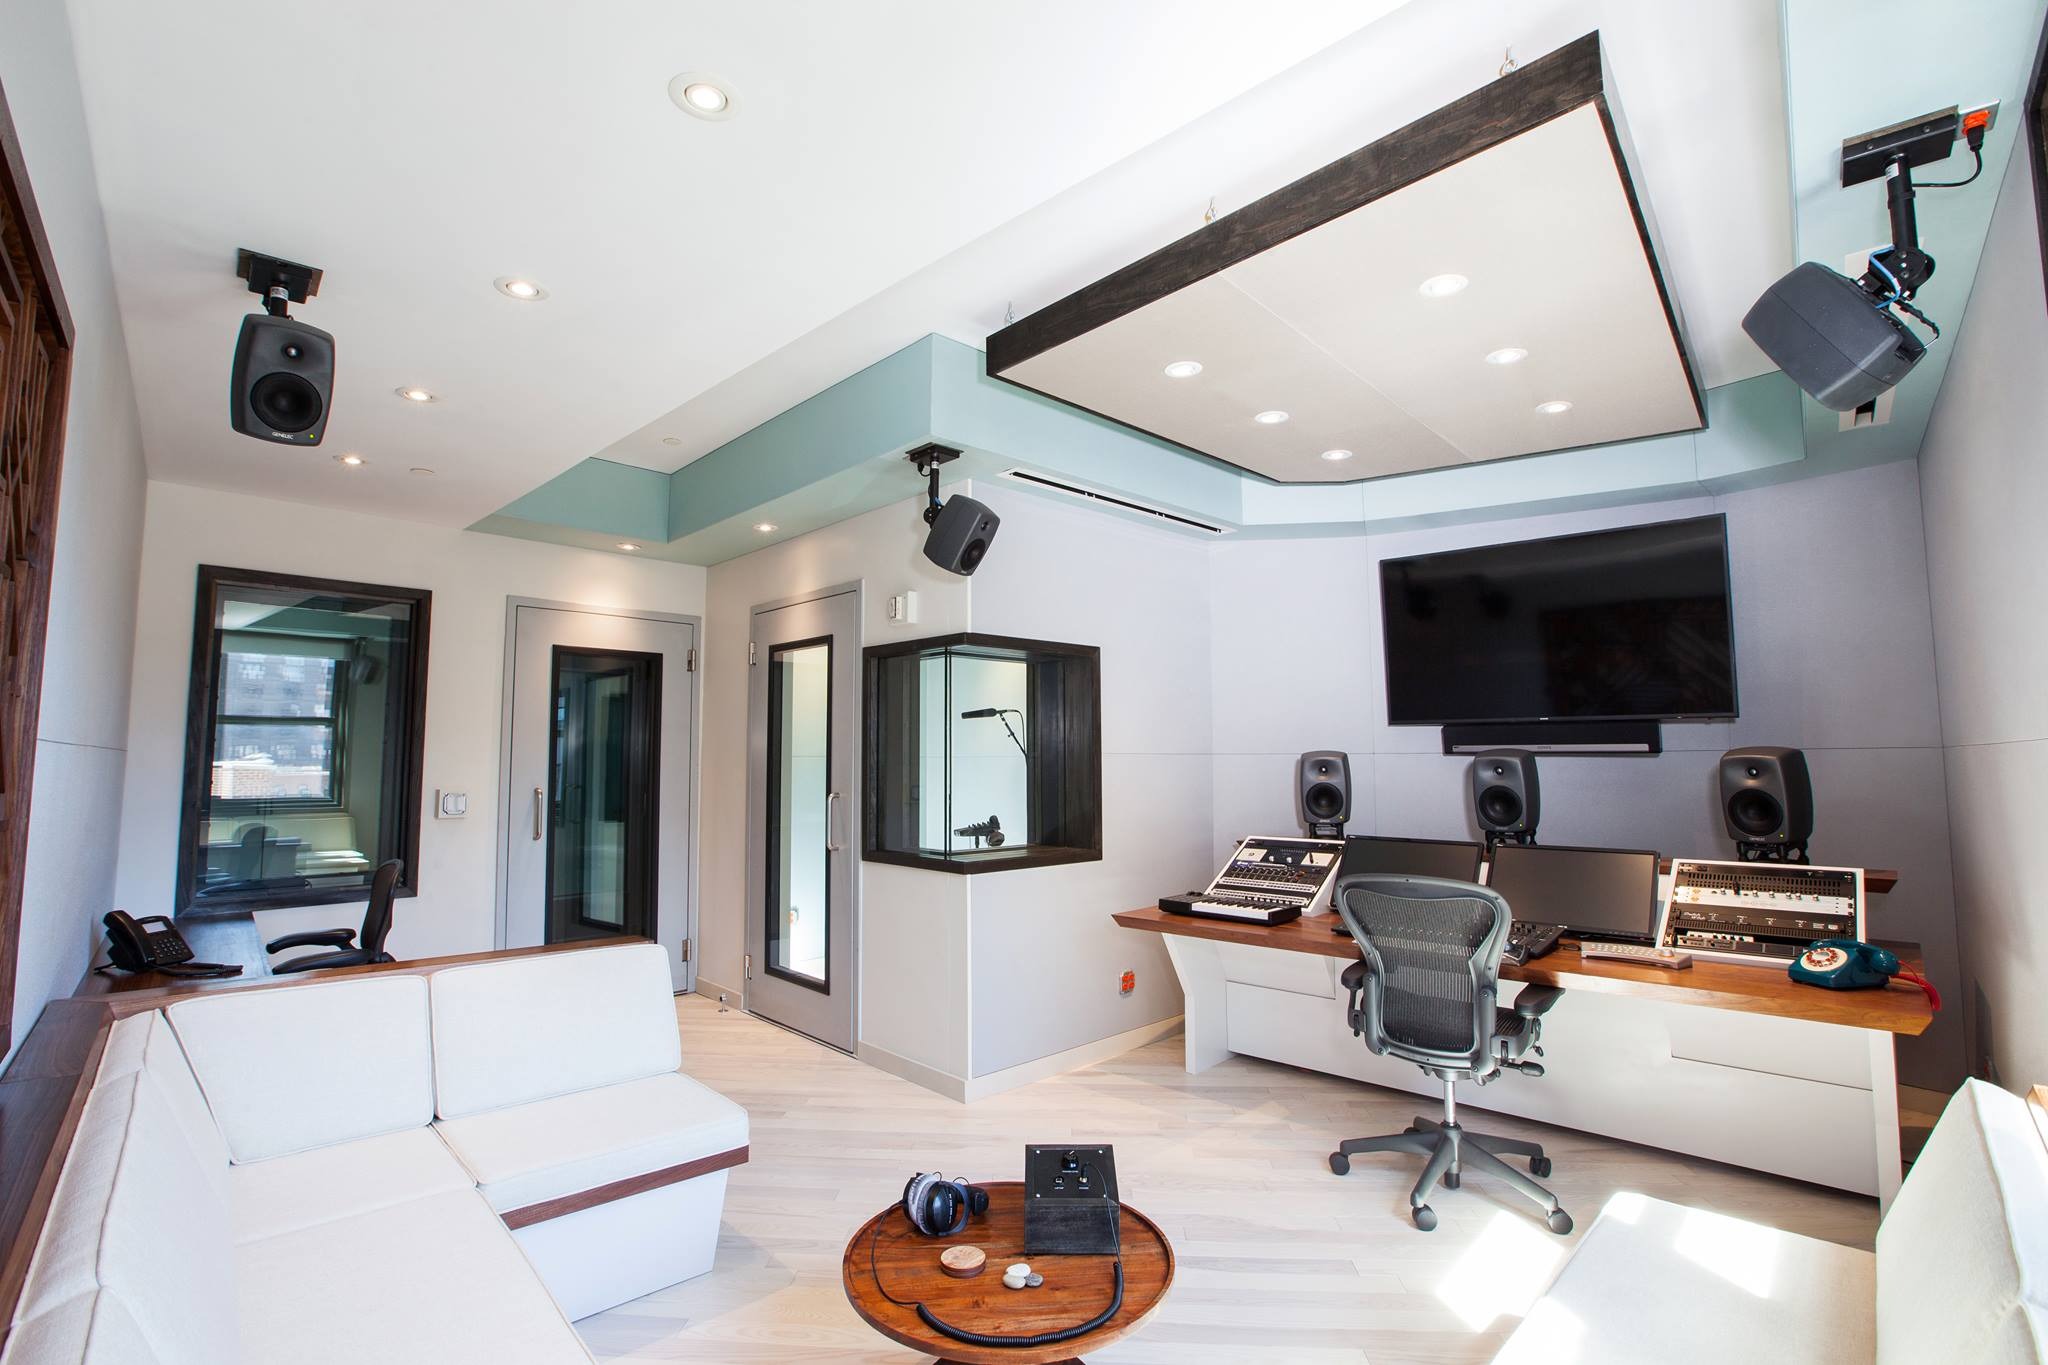 recording studio desk/console and Walnut banquette